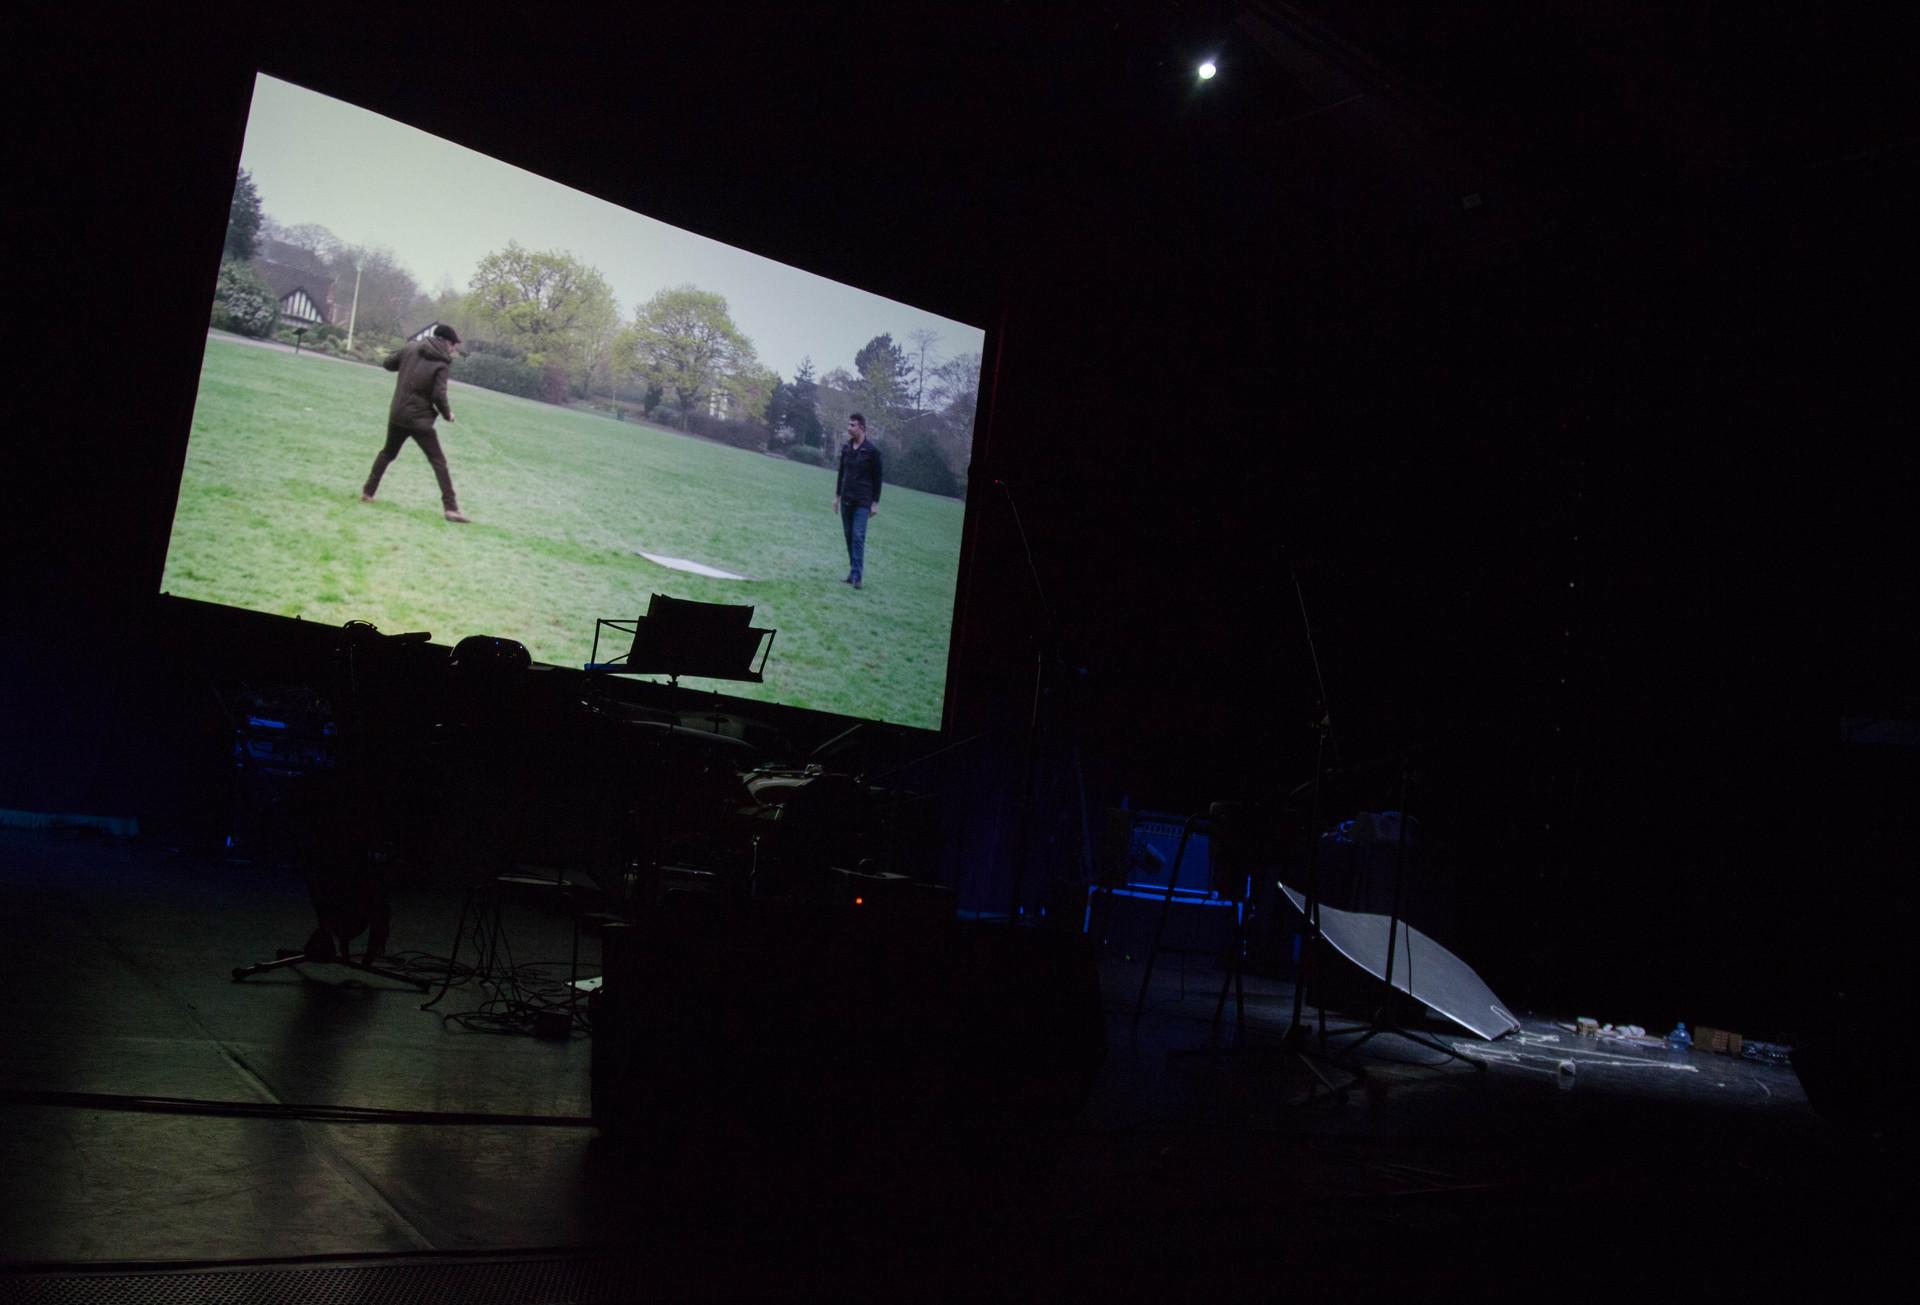 Omid Asadi - Last Kite